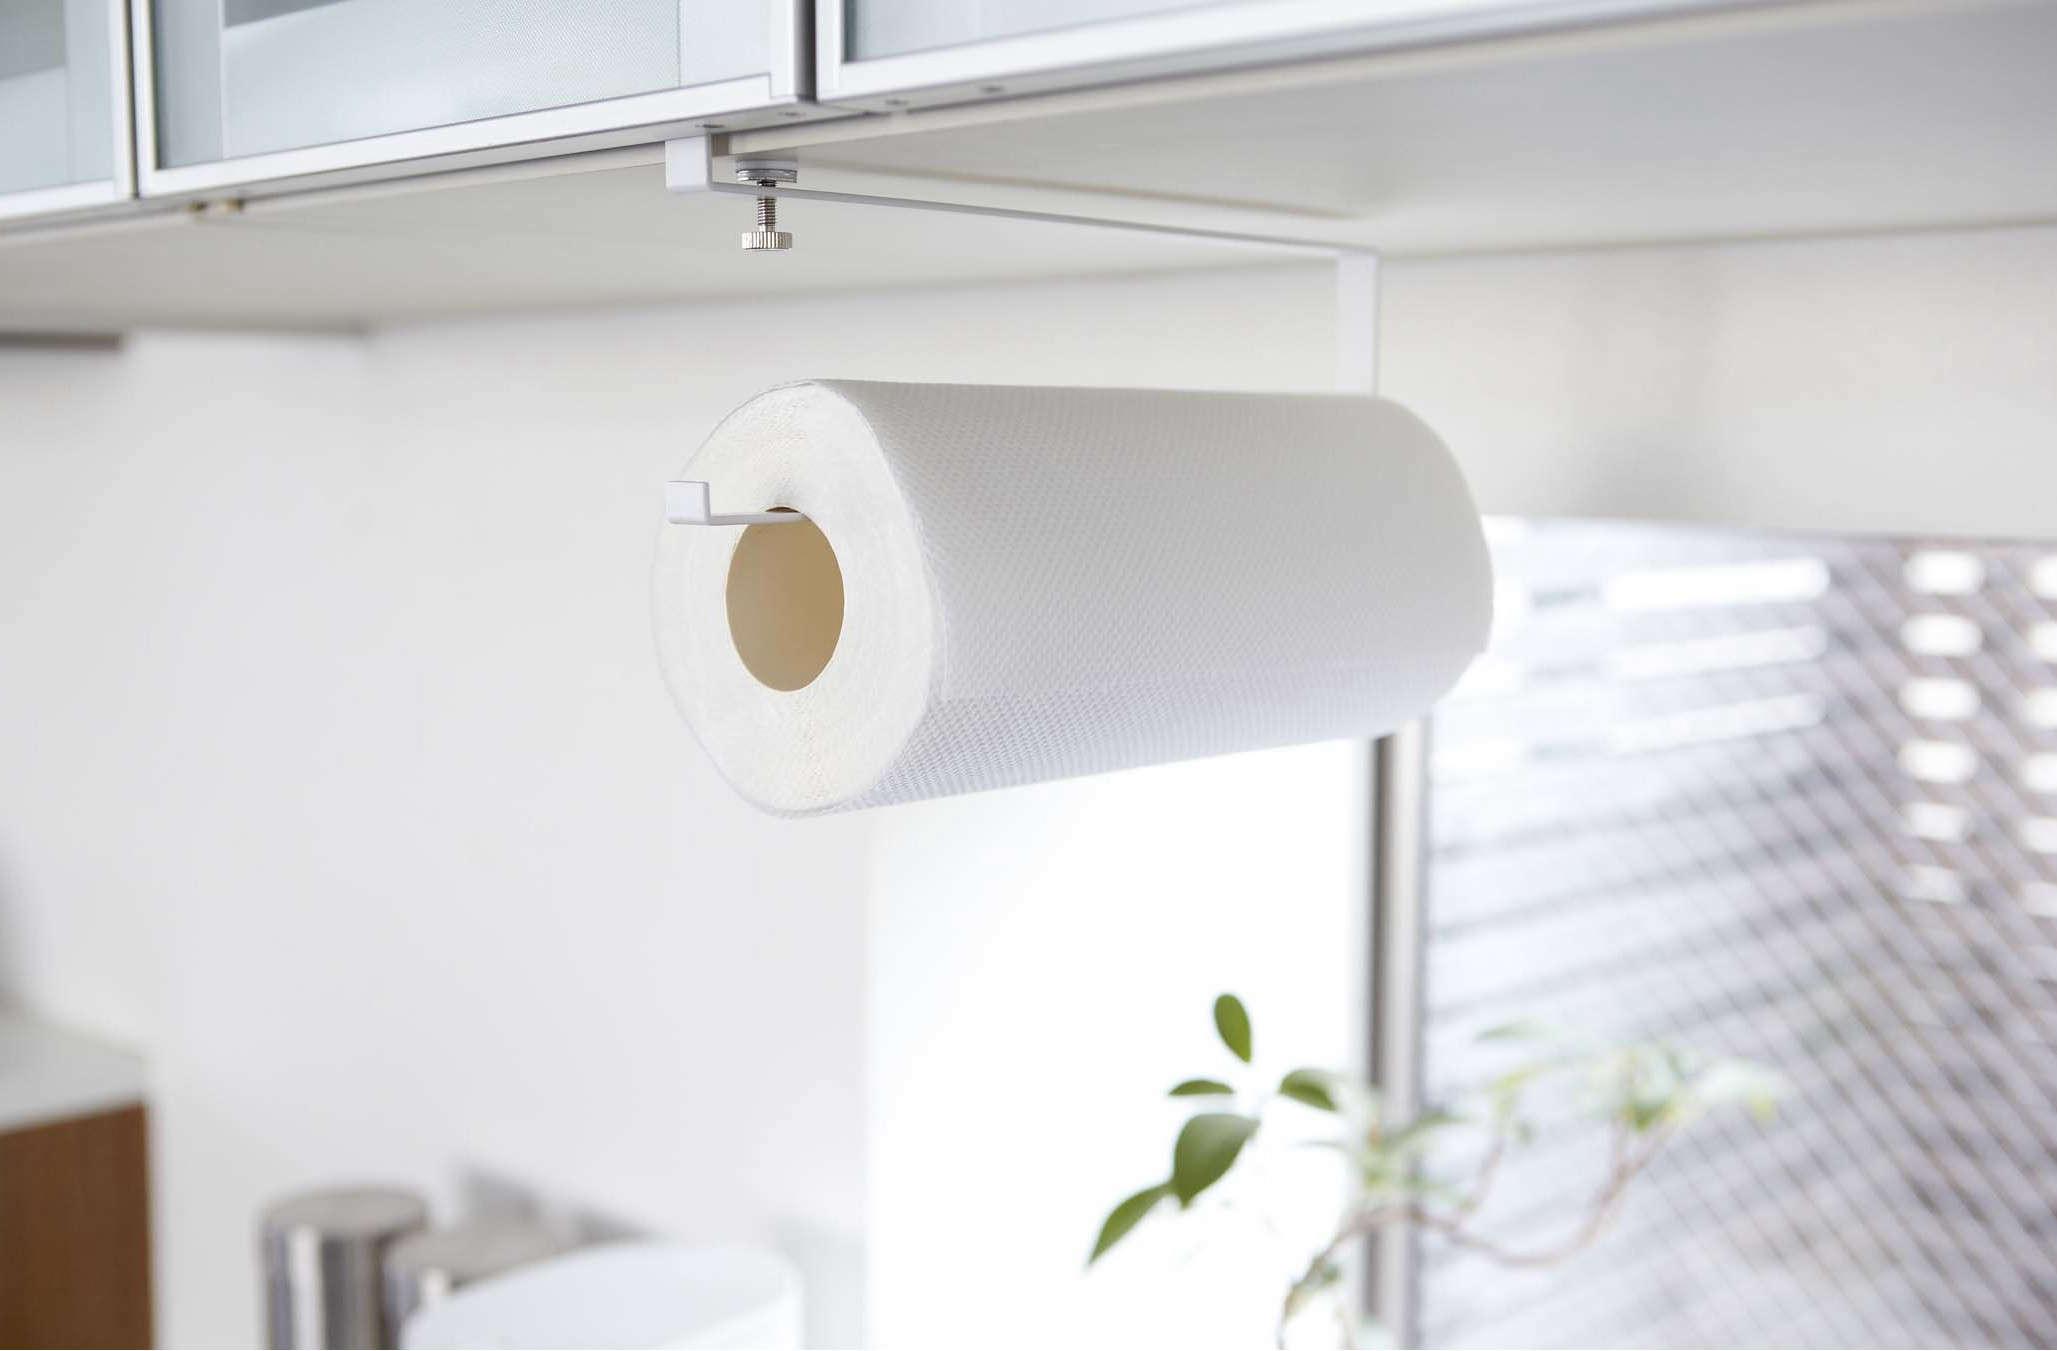 favorites the nodrill instant paper towel holder  remodelista - plateundershelfpapertowelholder ()